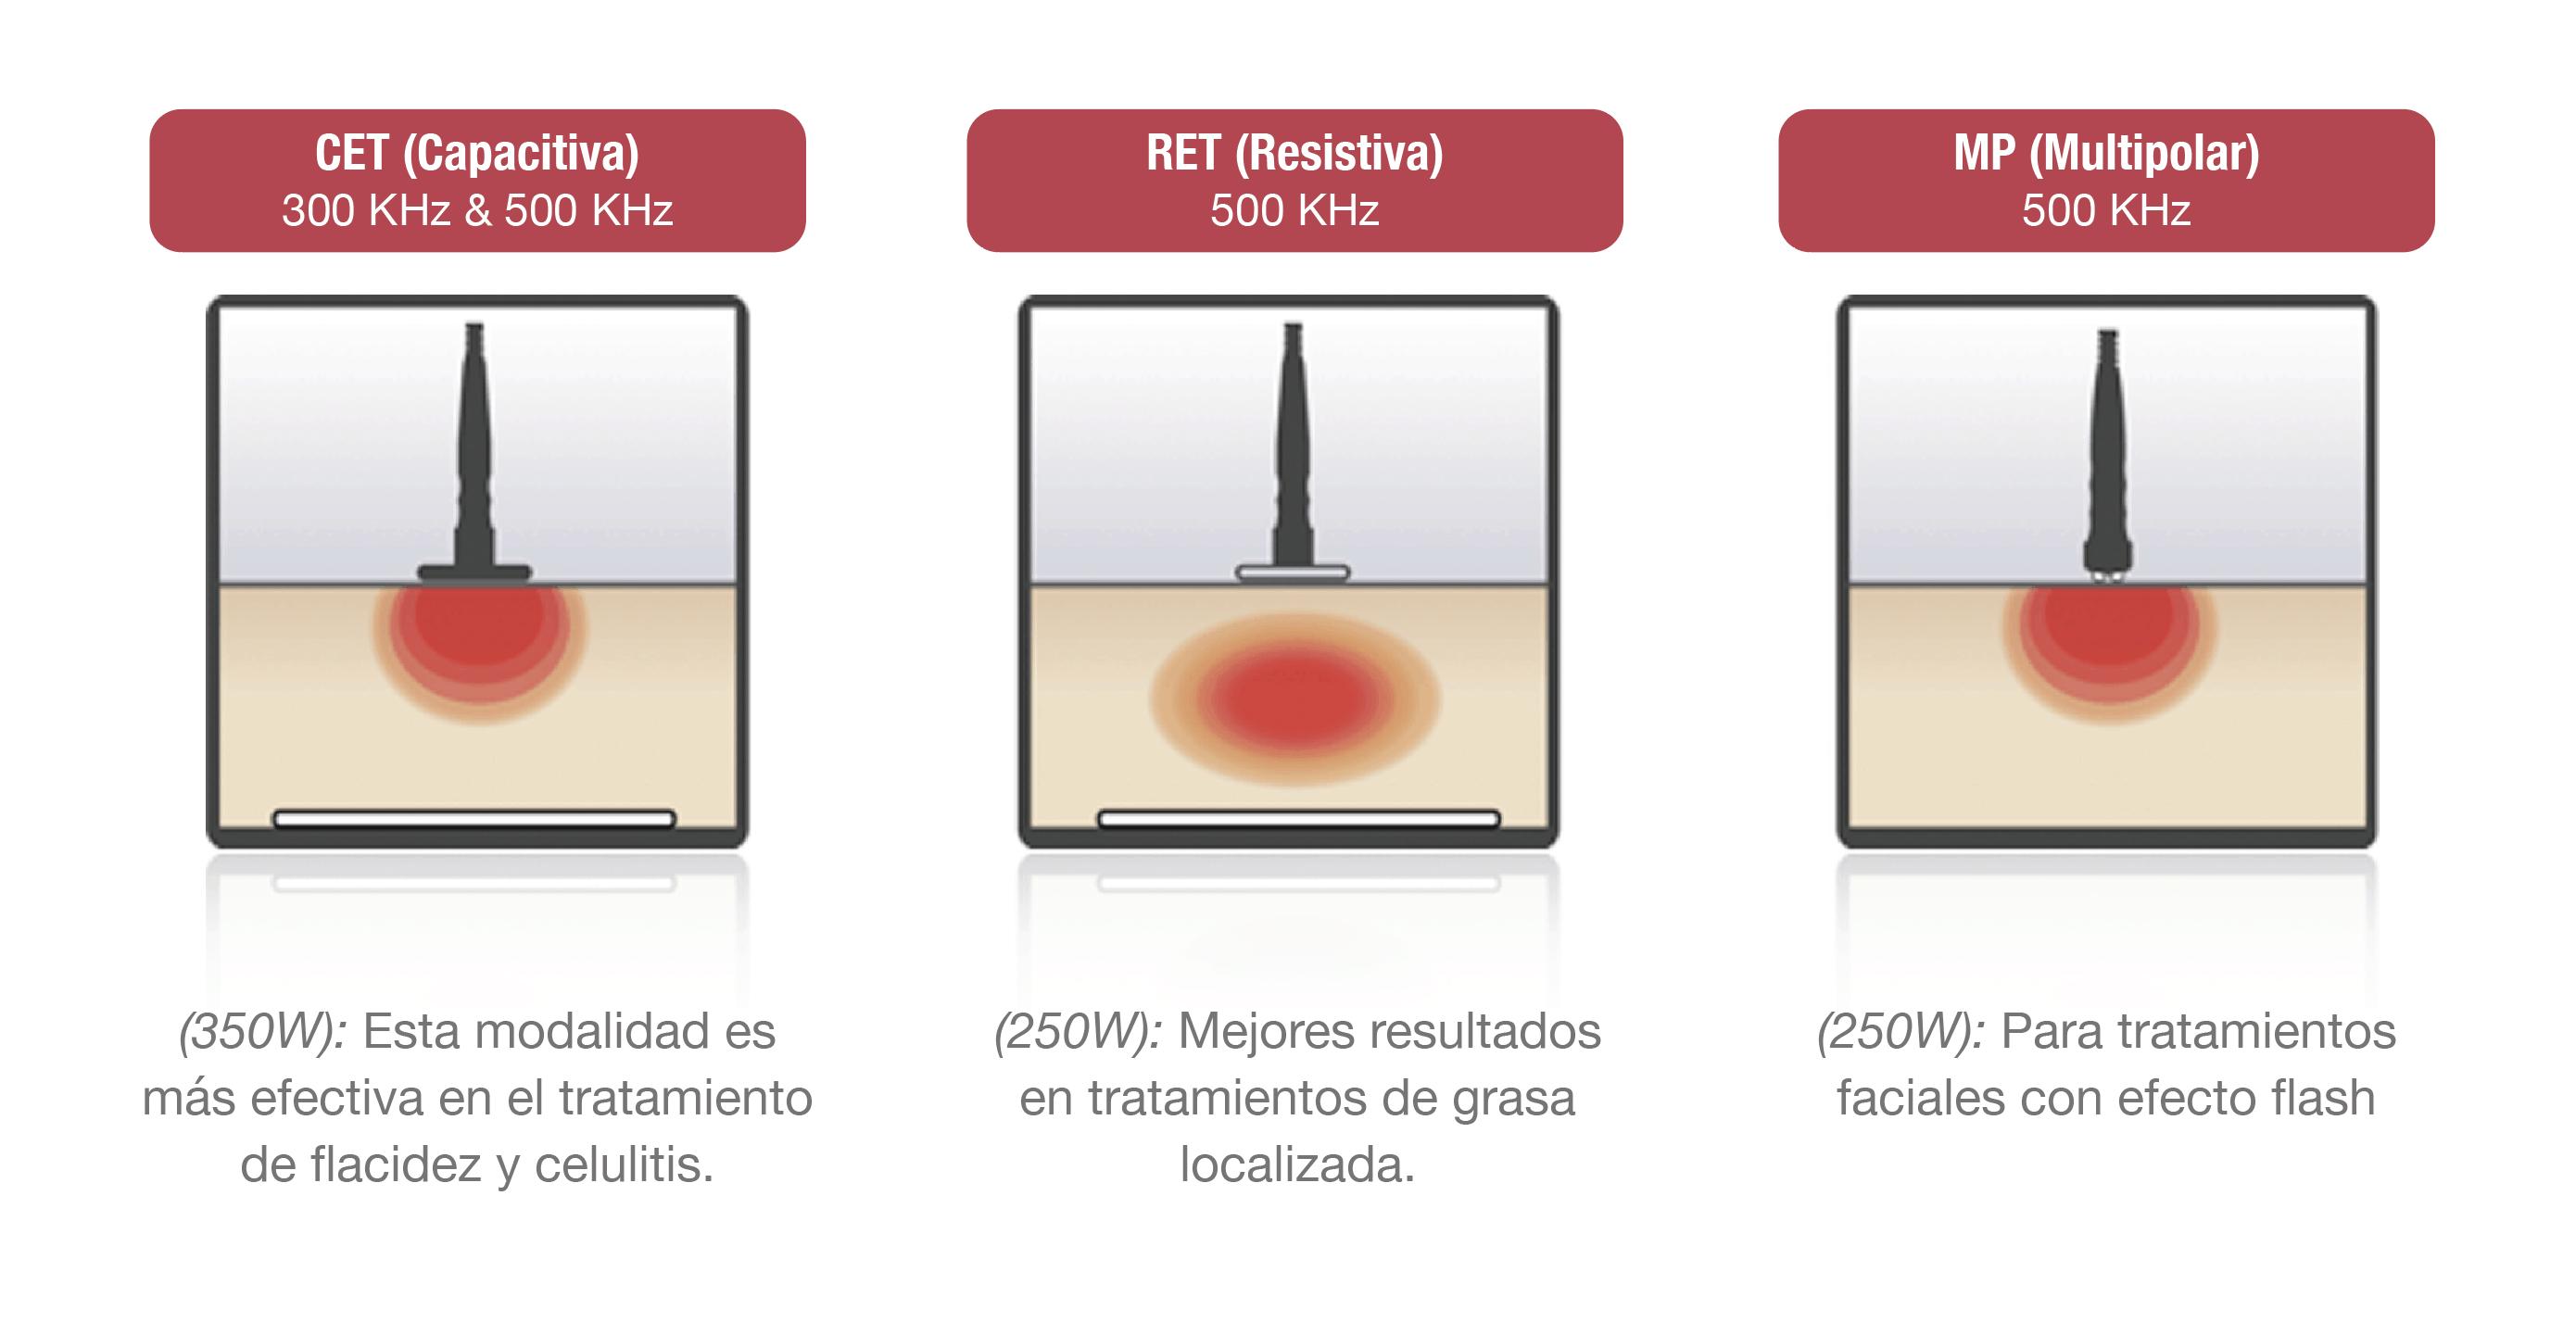 rafos premium radiofrecuencia capacitiva, resistiva y tripolar. Diatermia, estético y terapéutipo. Belium Medical distribuidor oficial españa. Celulitis, flacidez, rejuvenecimiento